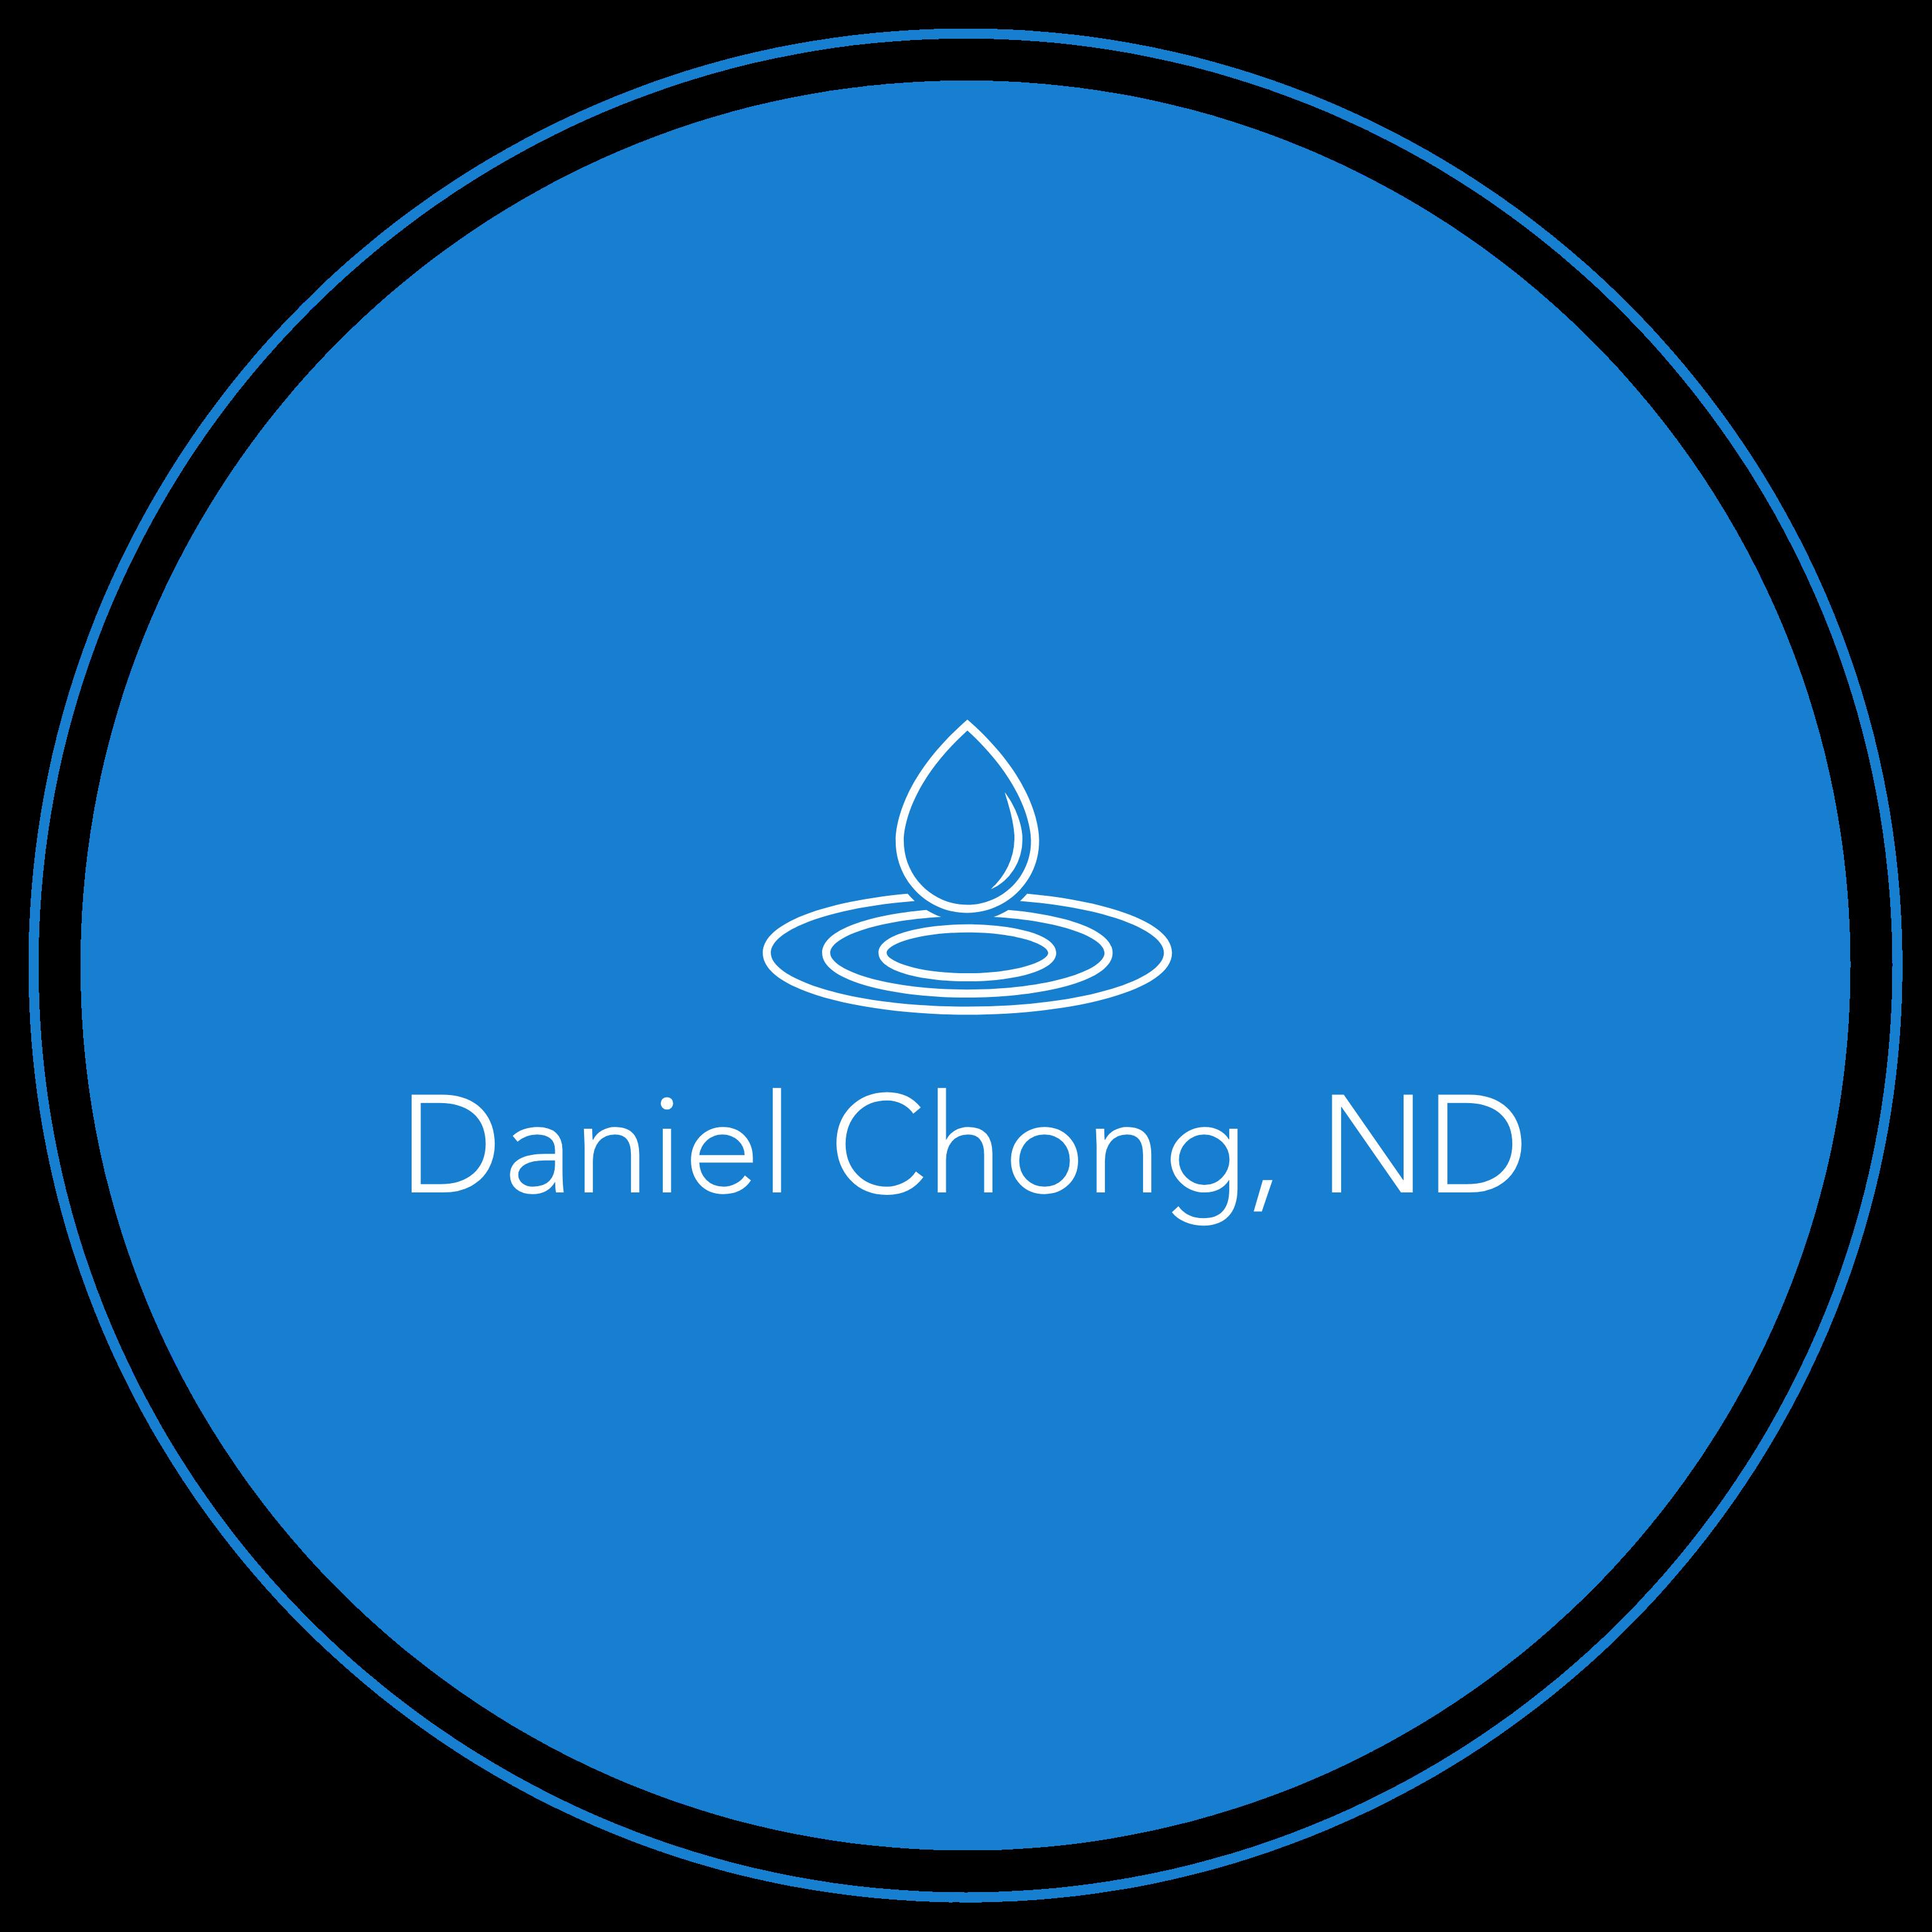 Daniel Chong, ND